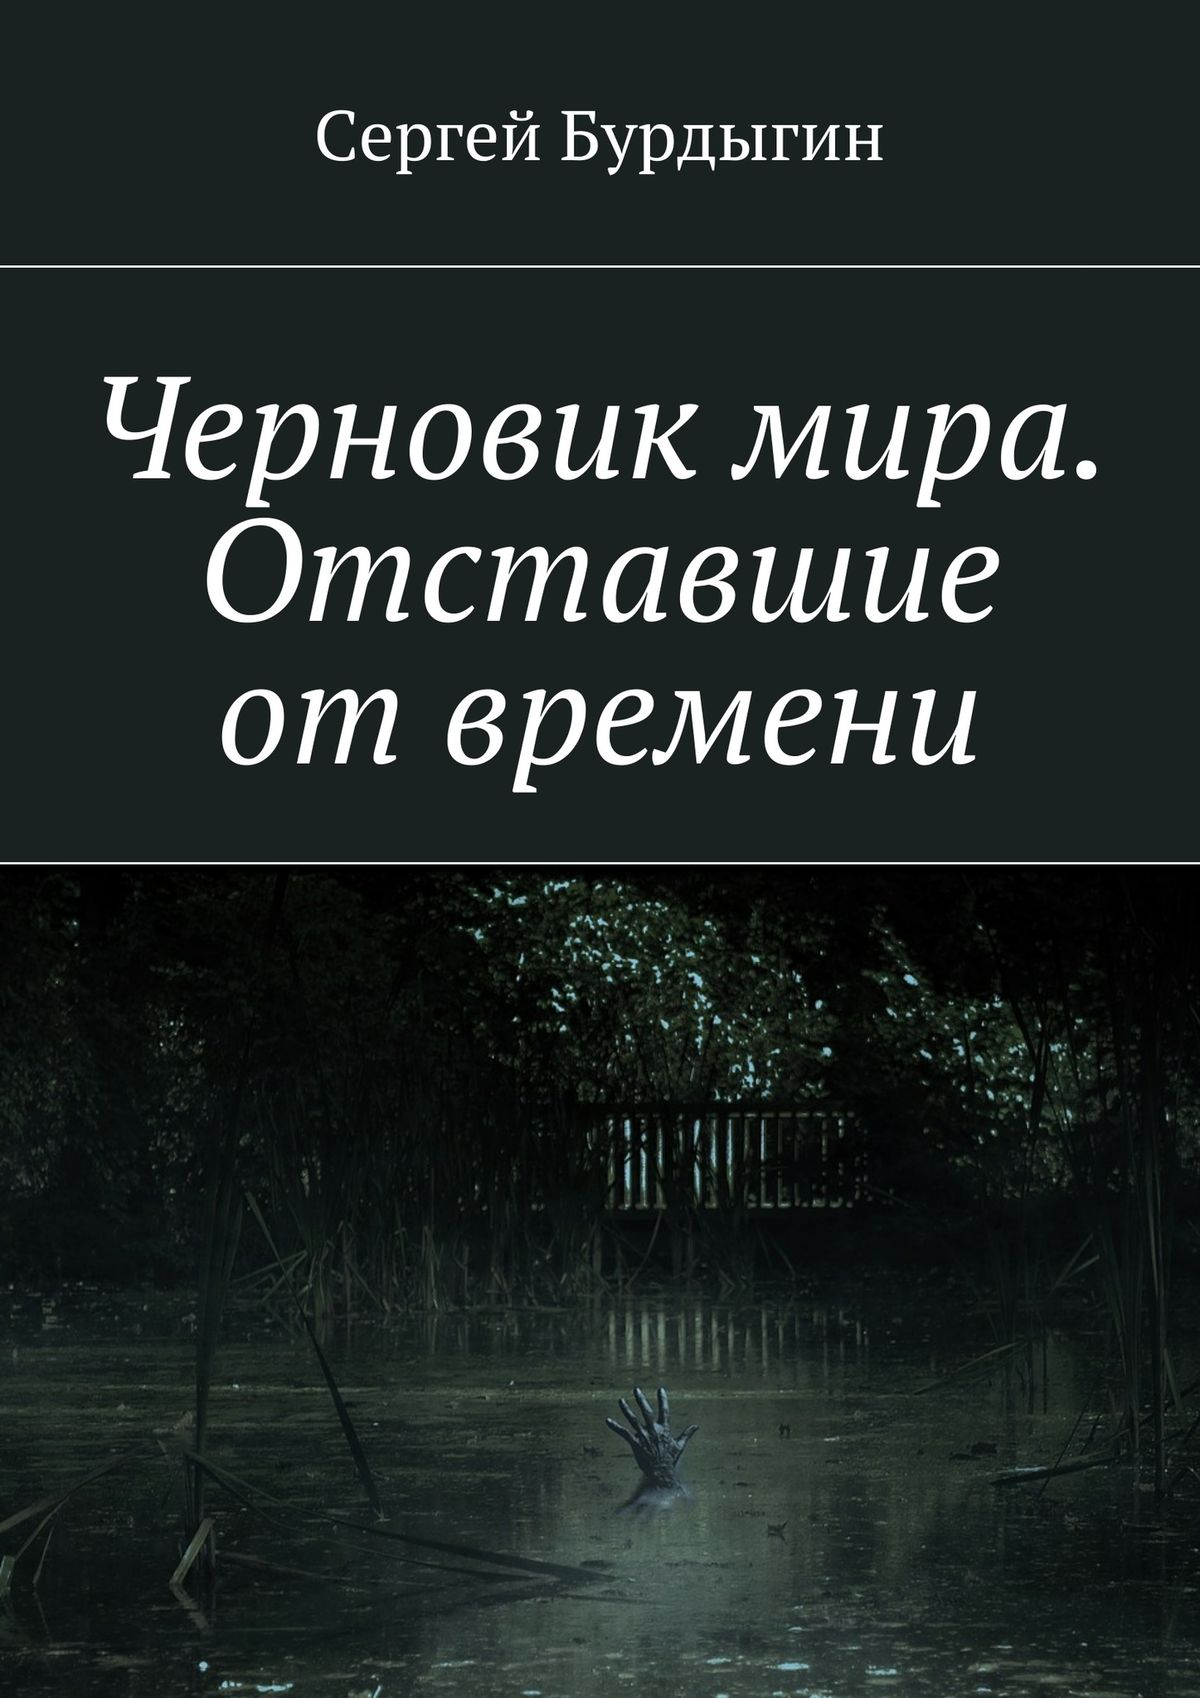 Сергей Бурдыгин Черновик мира. Отставшие отвремени